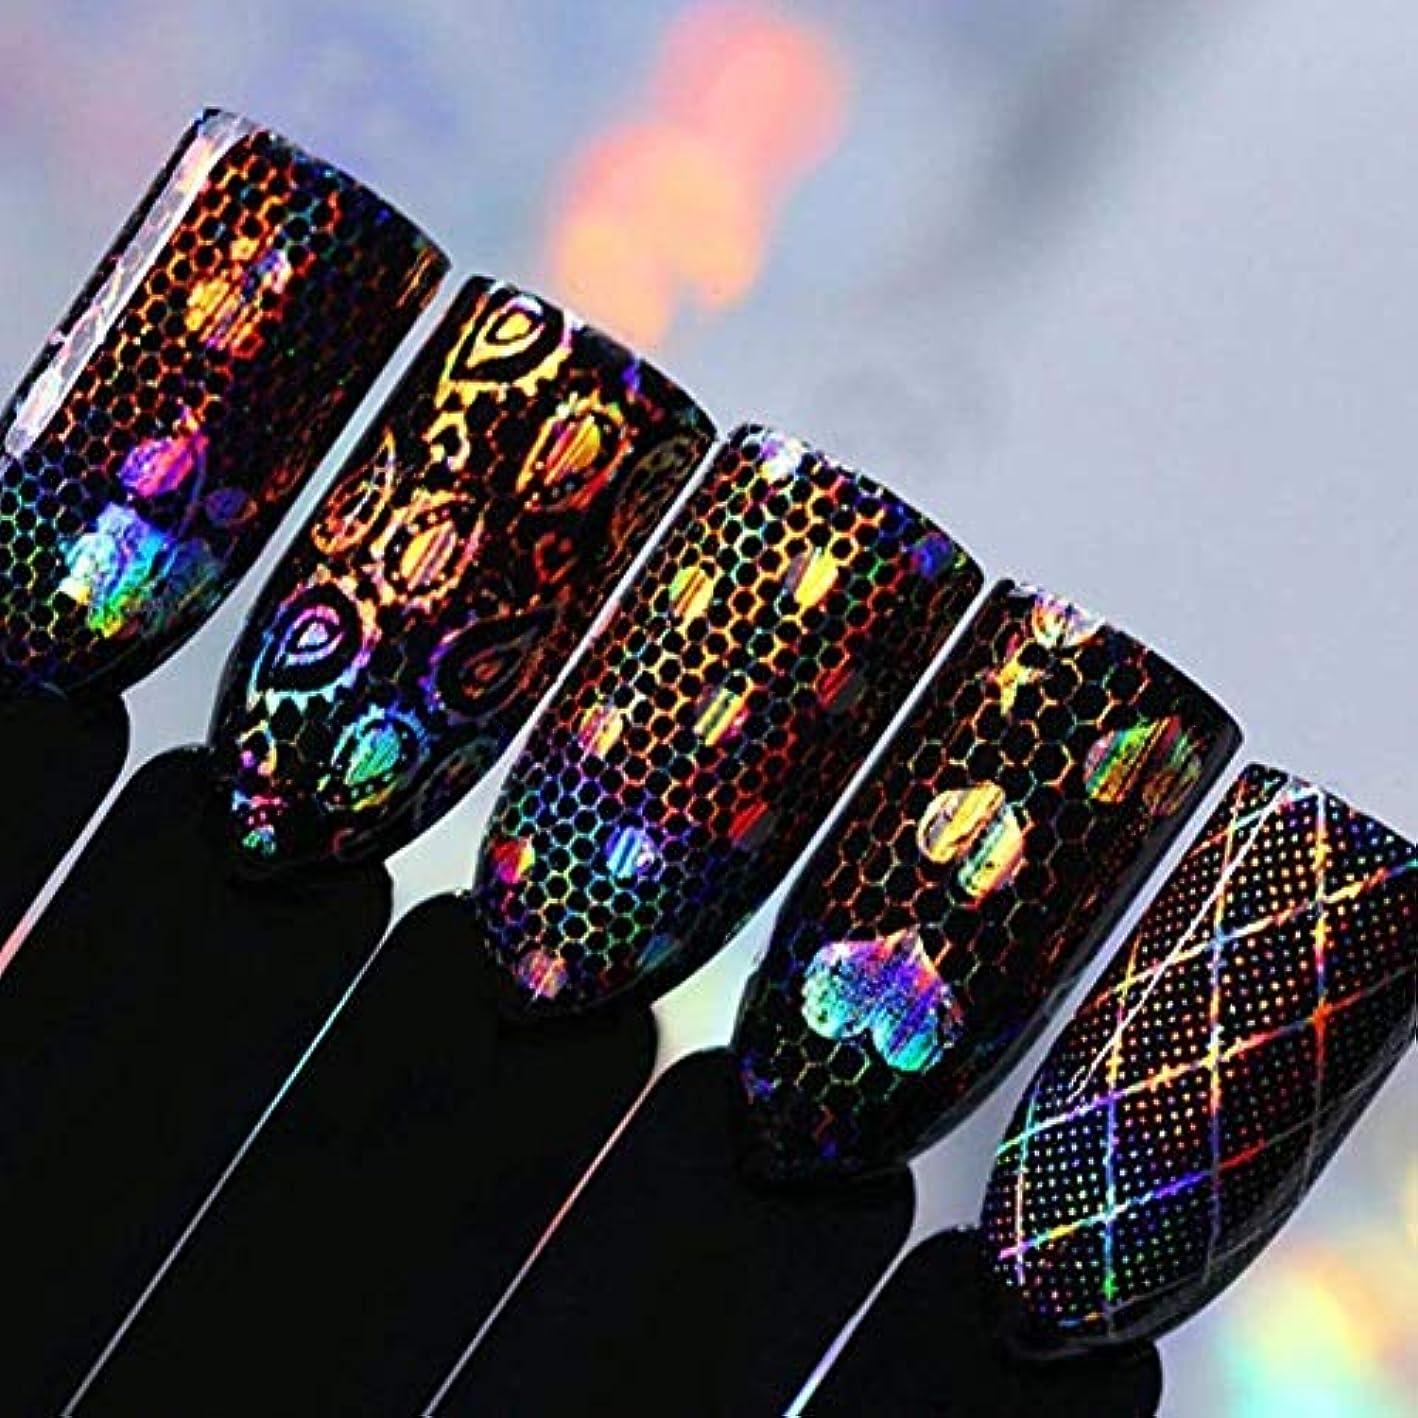 購入王位準備ができてSnner メーリンドス カワイイネイルシール?ステッカー 貼るだけネイル飾りシールパーツレジンジェルネイル 16個種類